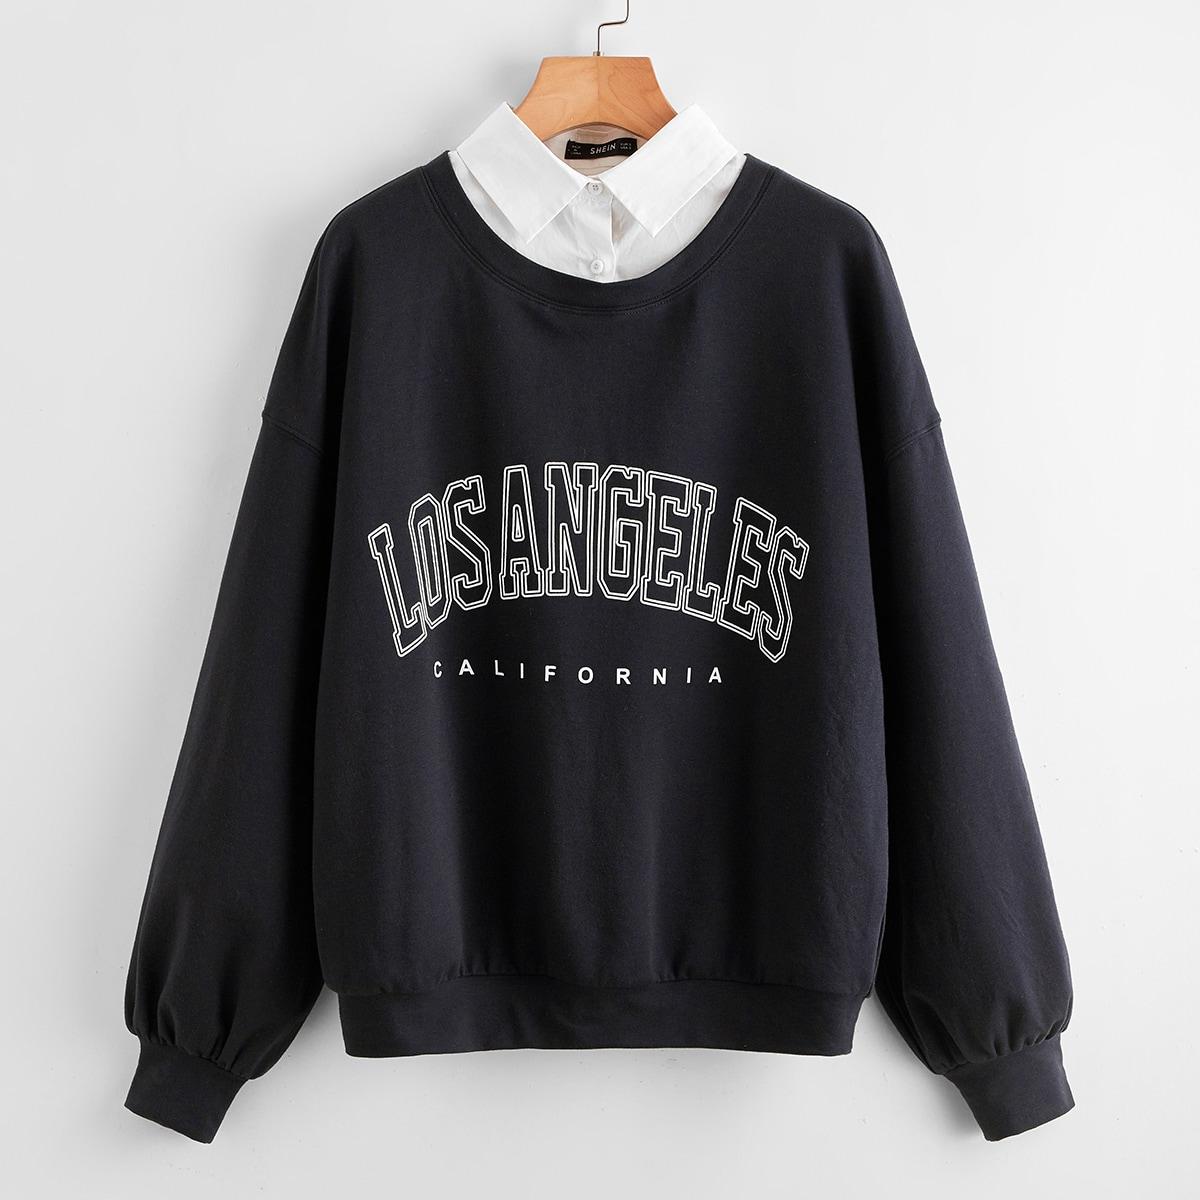 Пуловер с текстовым принтом и воротником 2 в 1